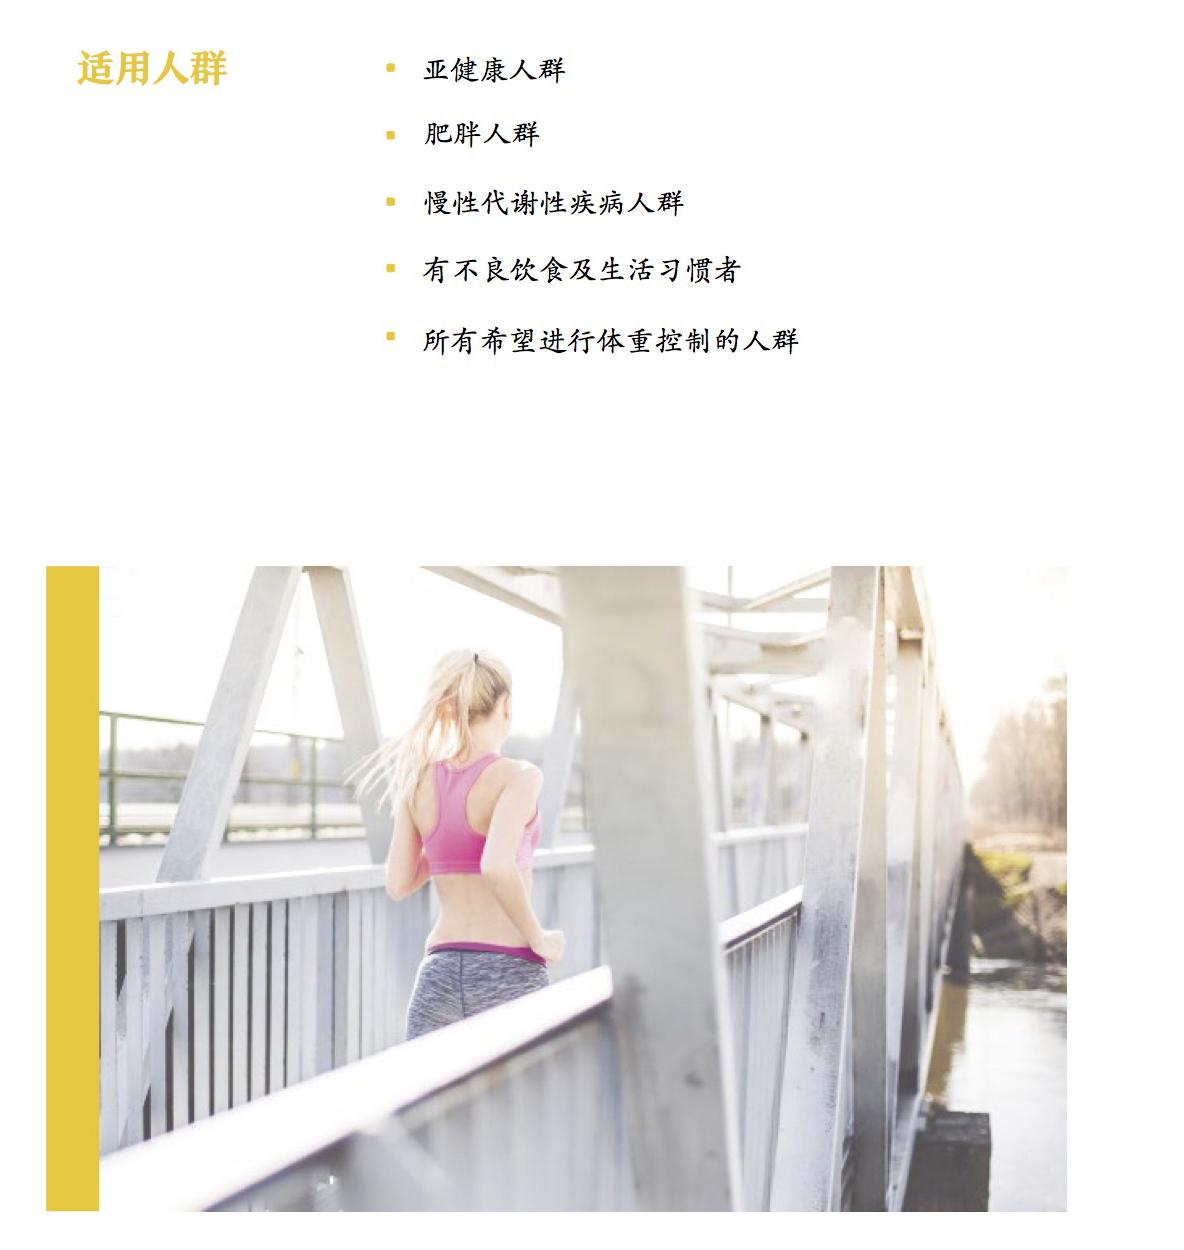 tizhong.jpg